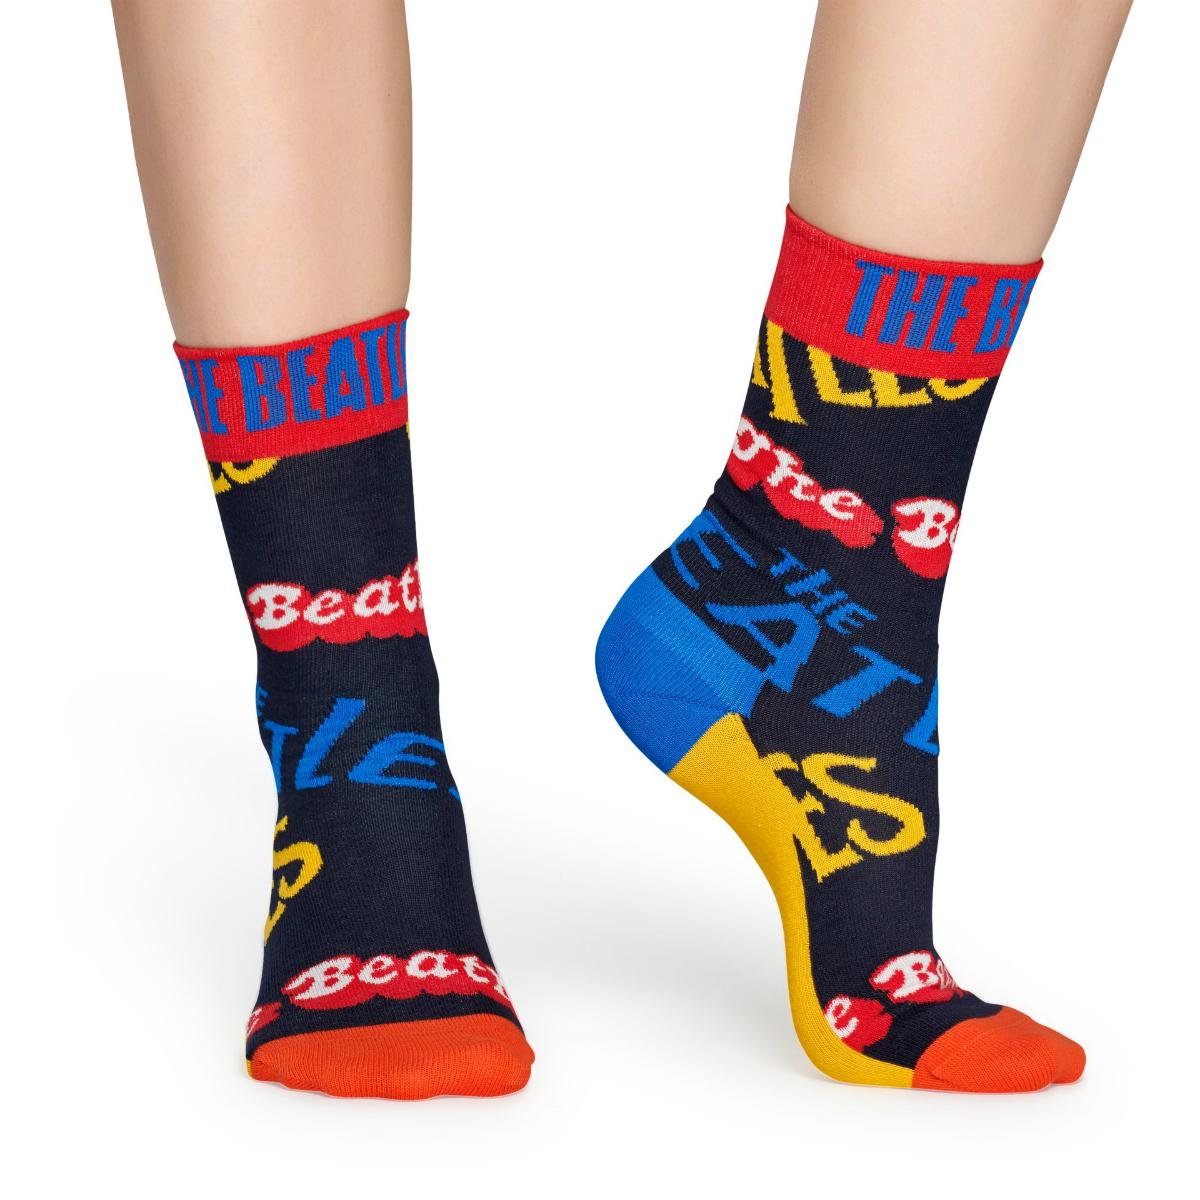 Happy Socks In The Name Of